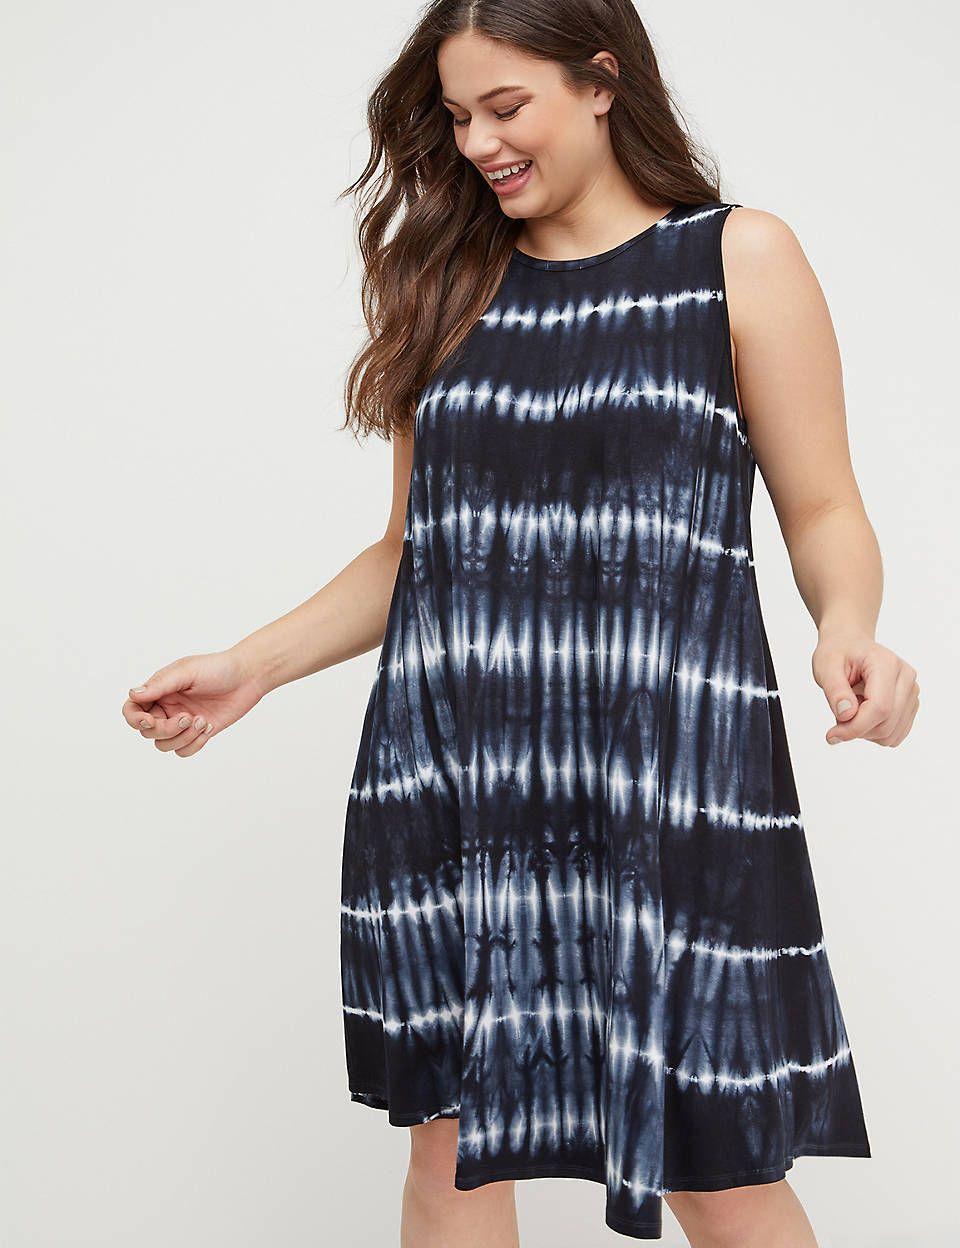 Tie Dye Sleeveless Swing Dress Dress Sleeveless Swing Dress Swing Dress Summer Swing Dresses [ 1248 x 960 Pixel ]